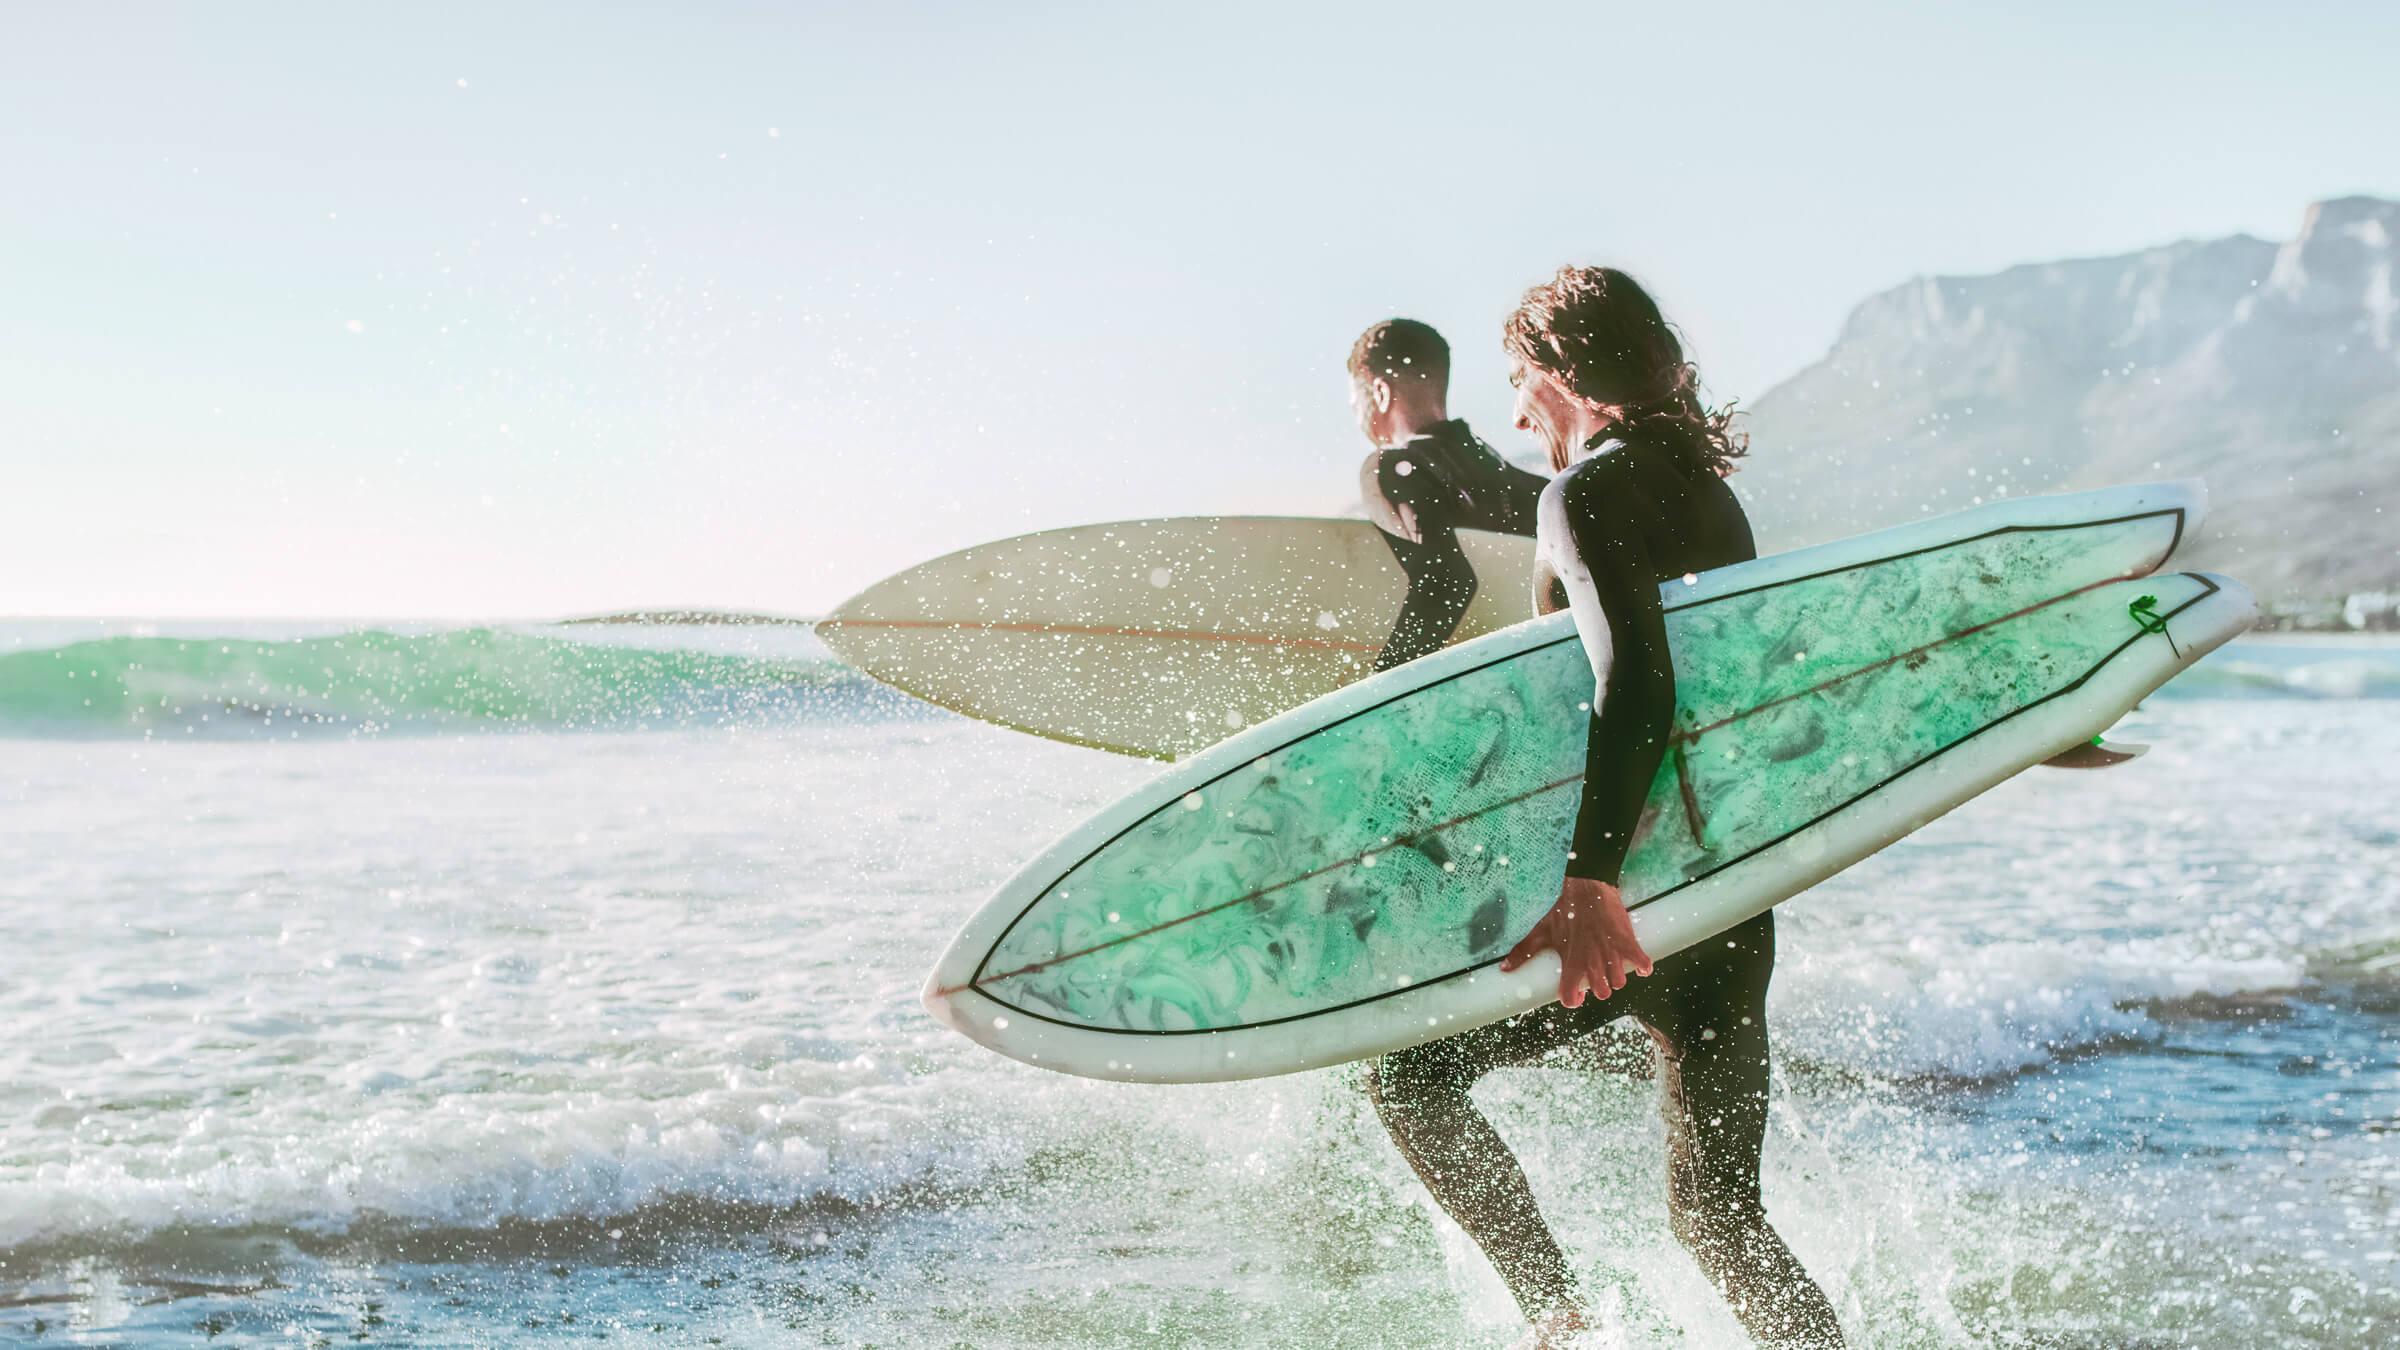 Spokojení klienti LYNX kteří si užívají surfování, zatímco pro ně jejich investice pracují